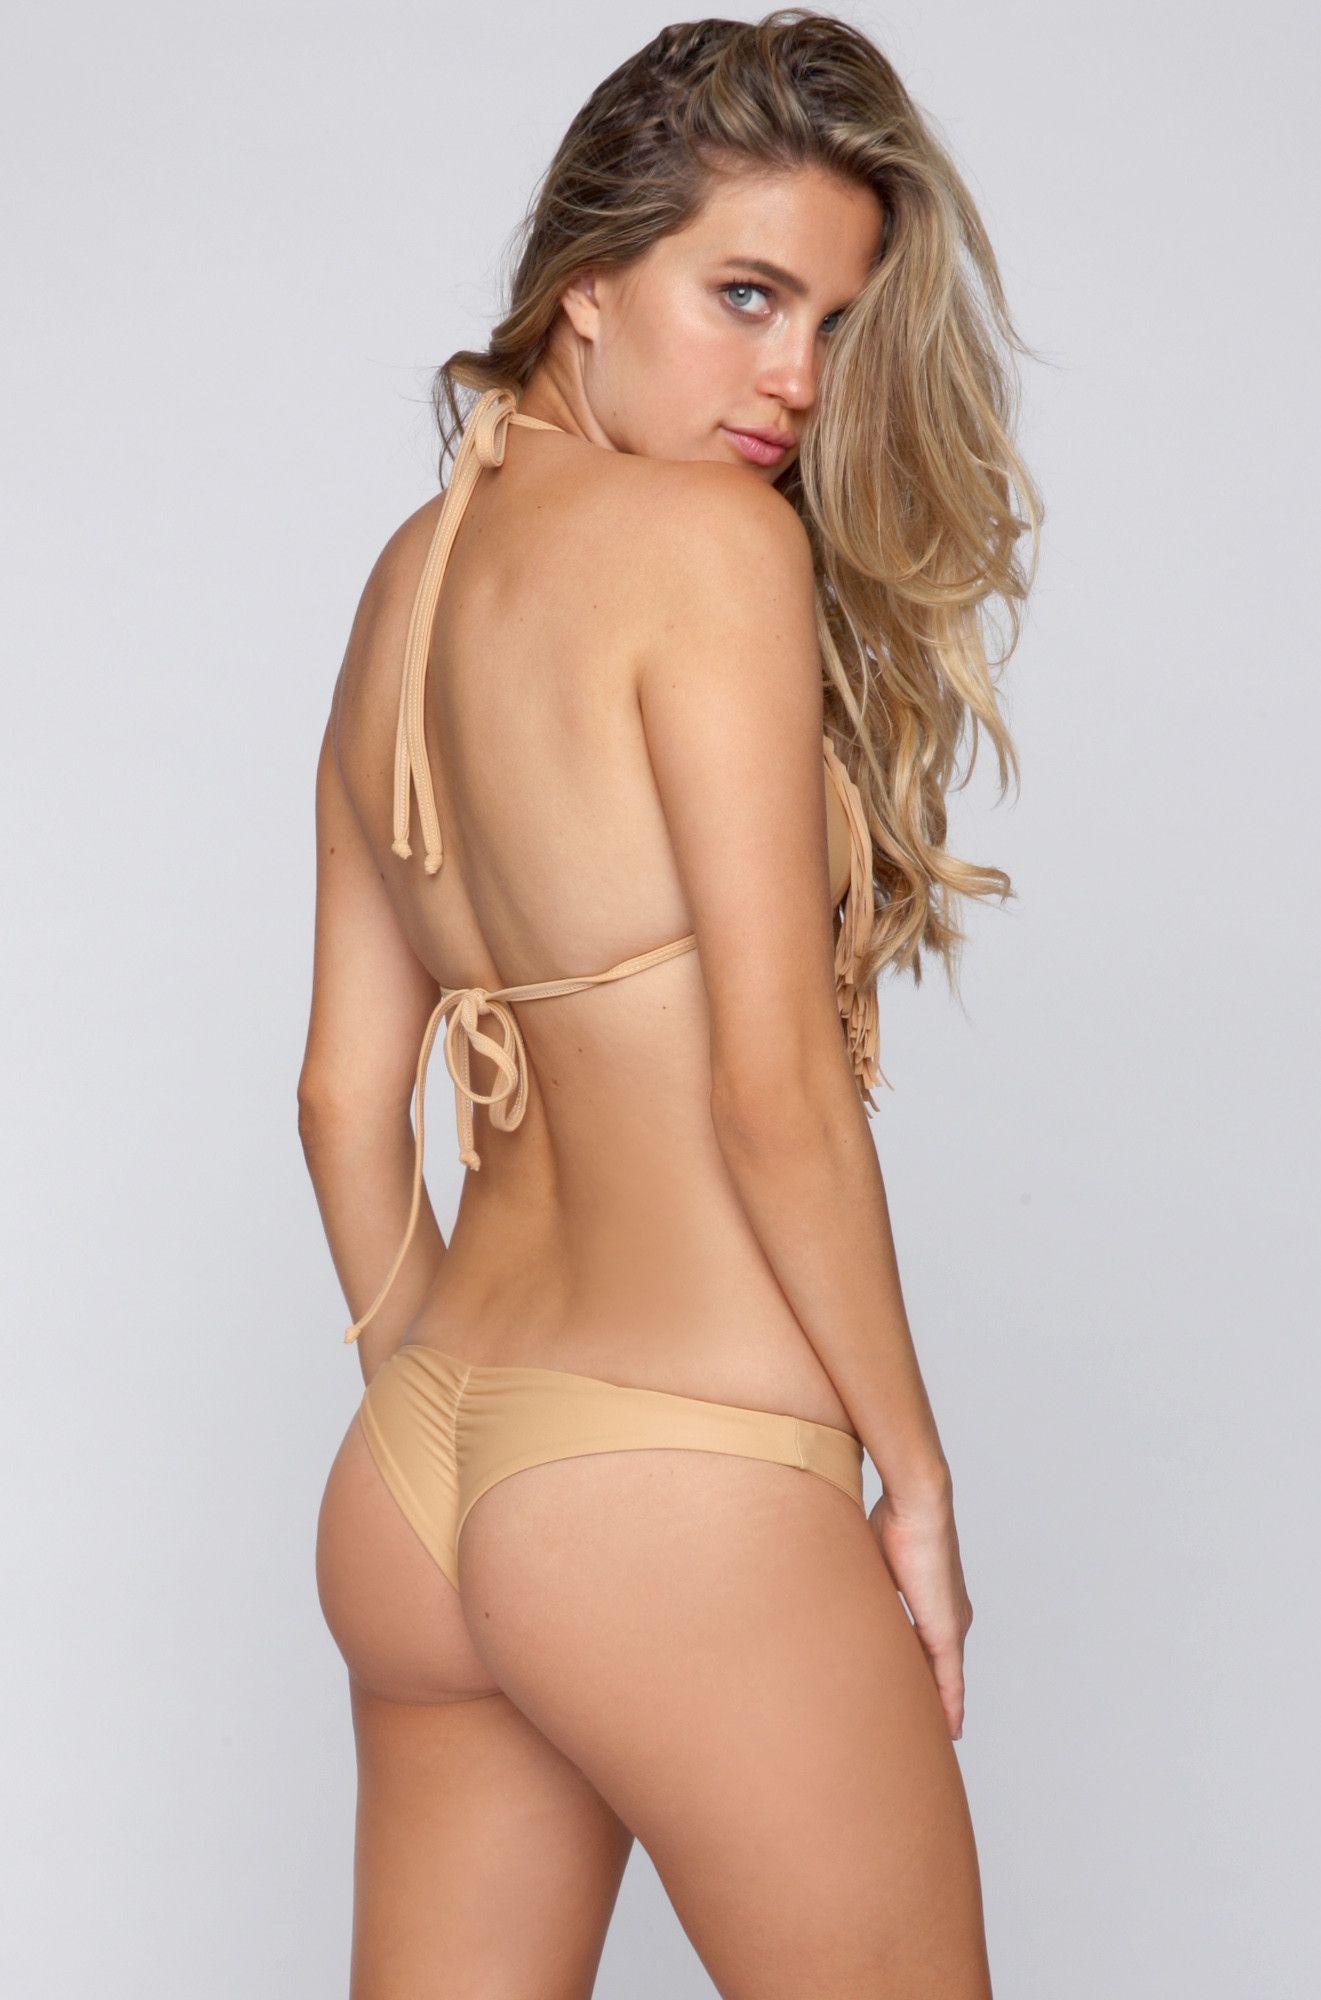 miranda janine naked pics